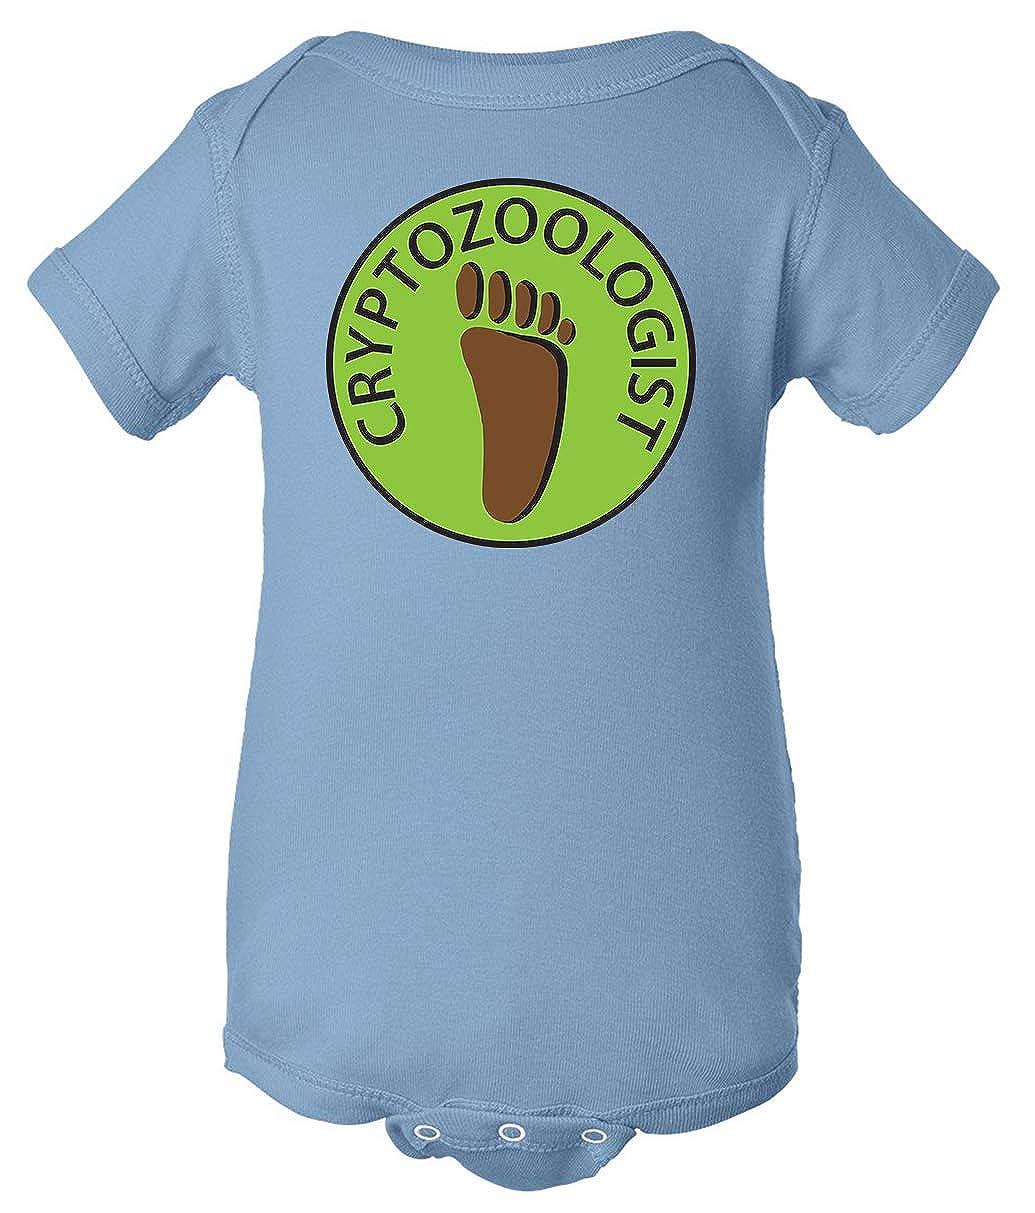 Tenacitee Babys Cryptozoologist Shirt